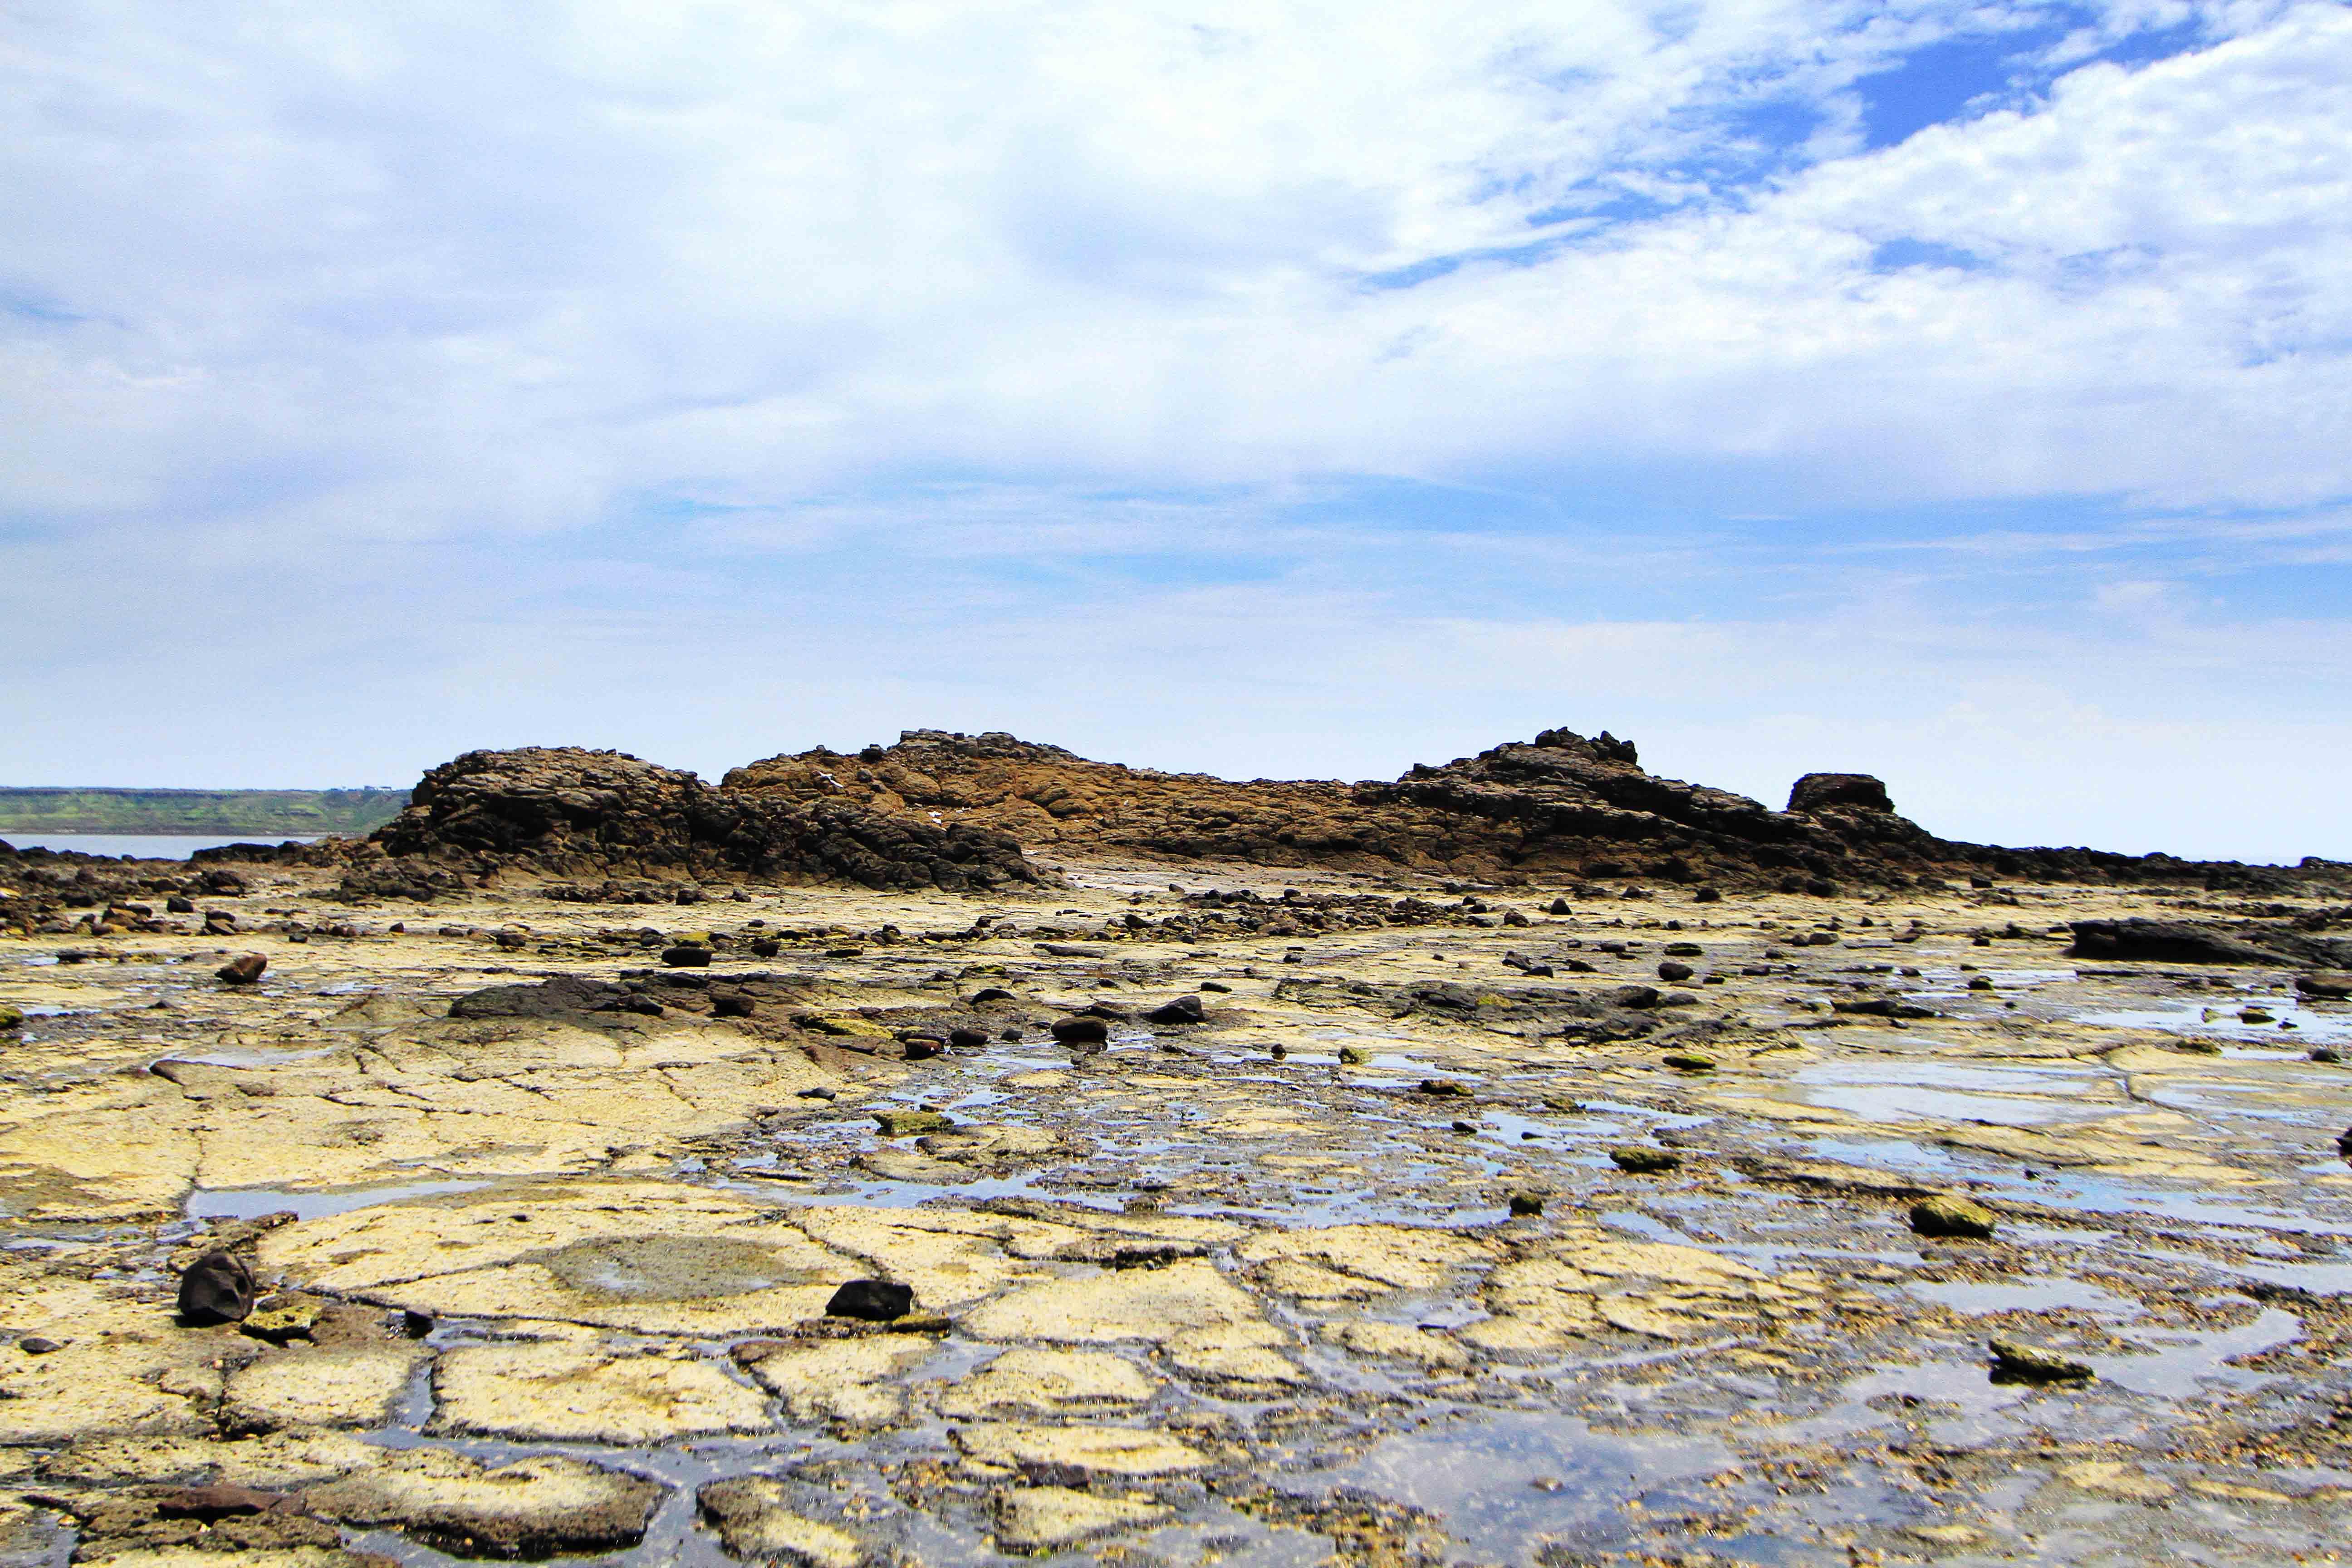 學仔尾海蝕平台與陸連島